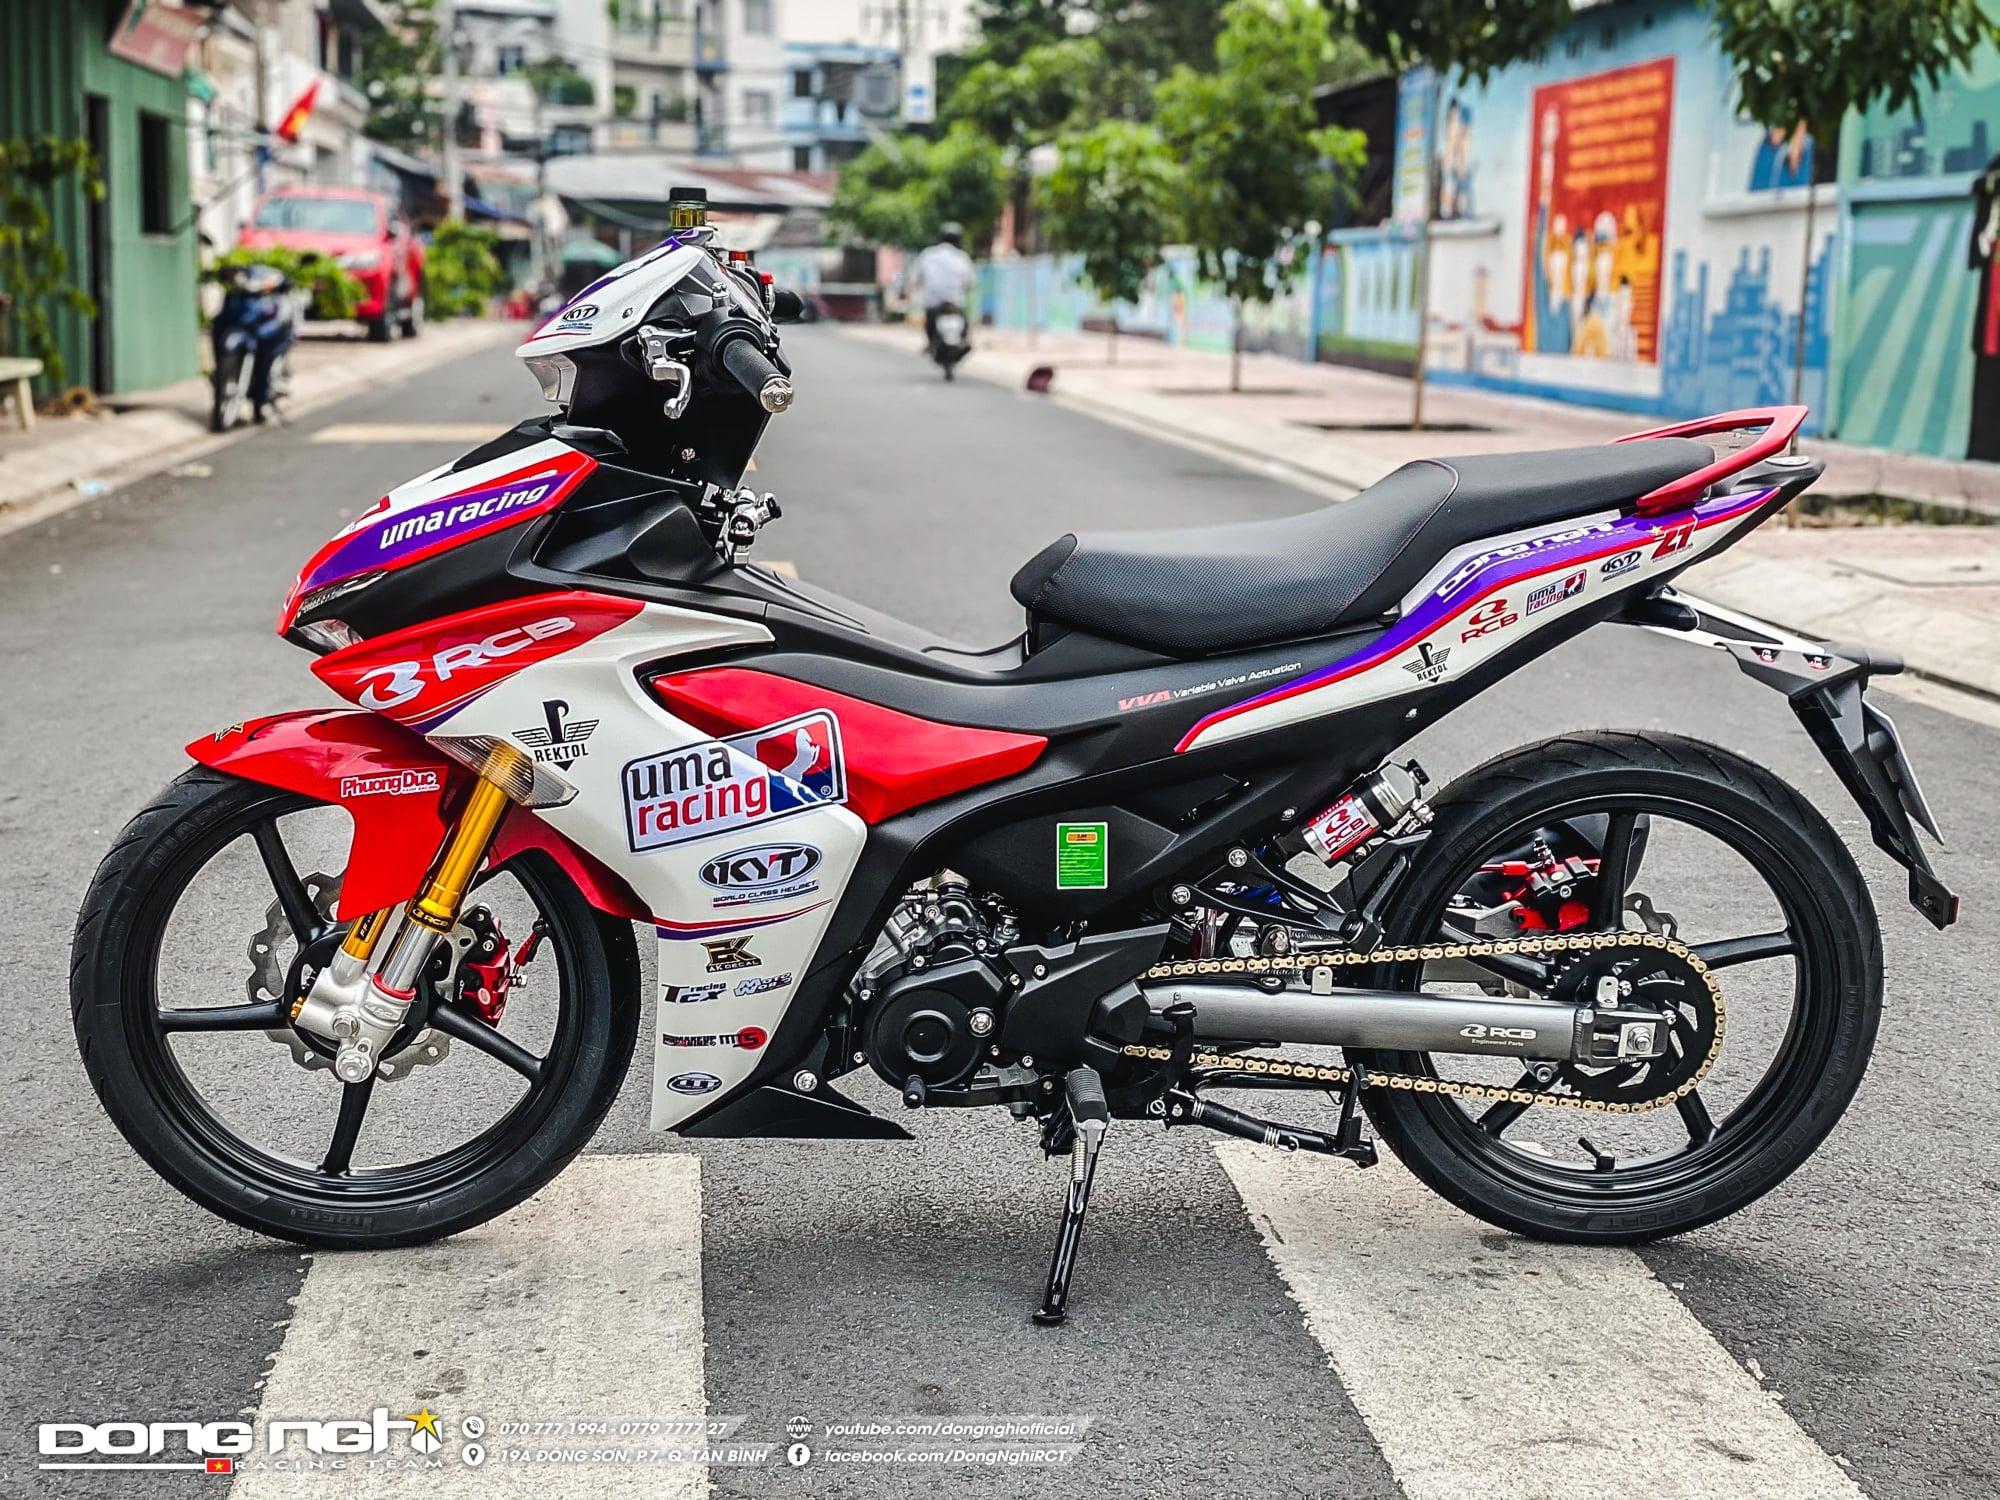 Exciter 155 độ Touring của tay đua Tô Hà Đông Nghi